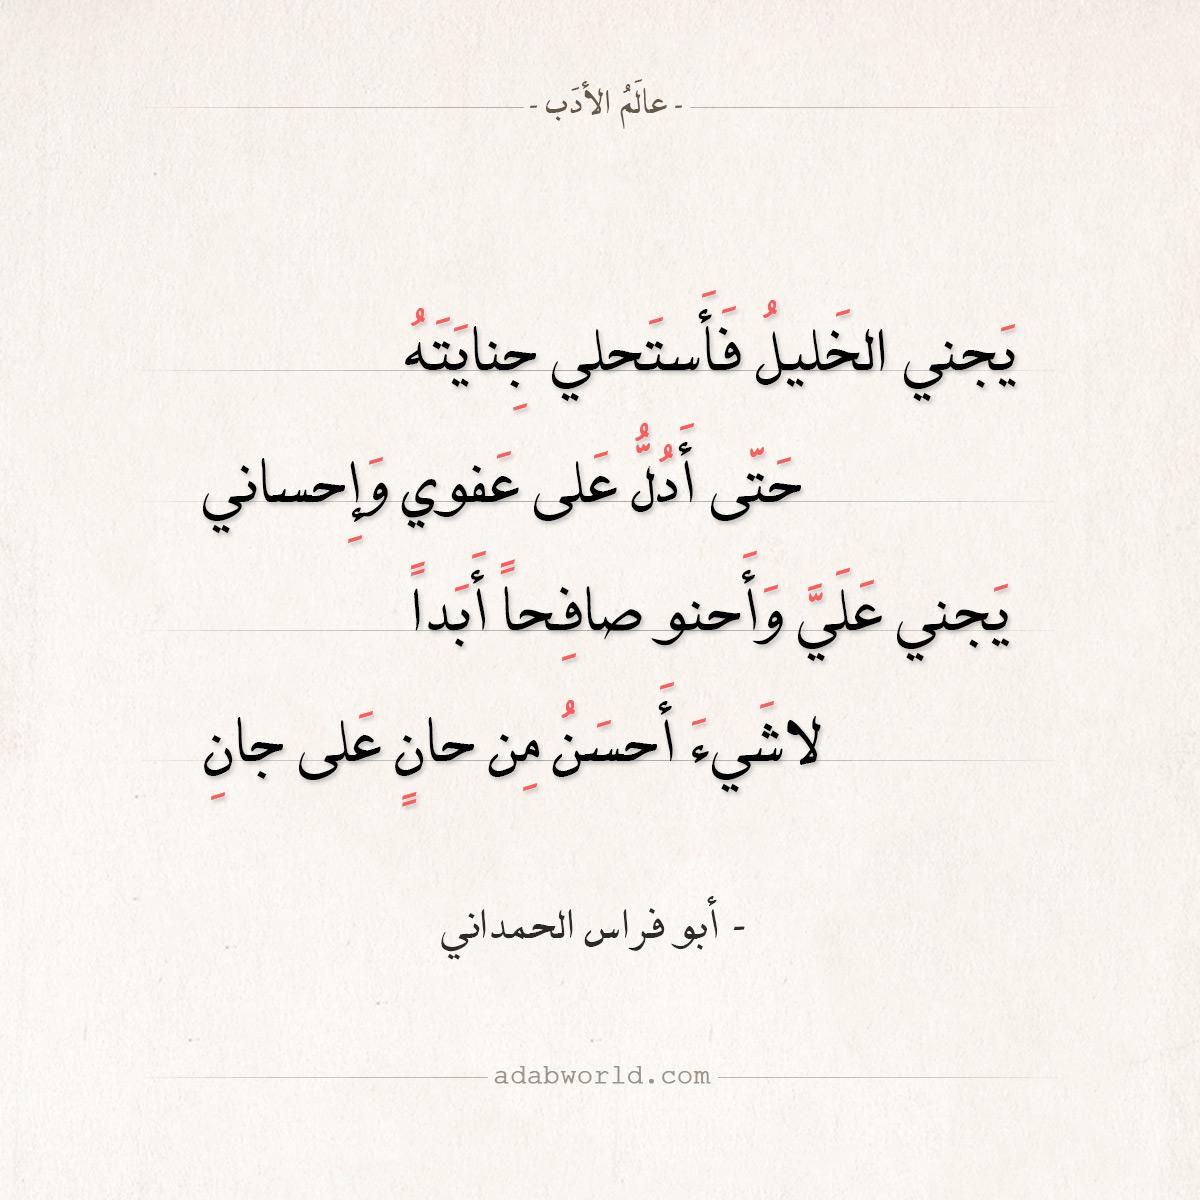 شعر أبو فراس الحمداني - يجني الخليل فأستحلي جنايته